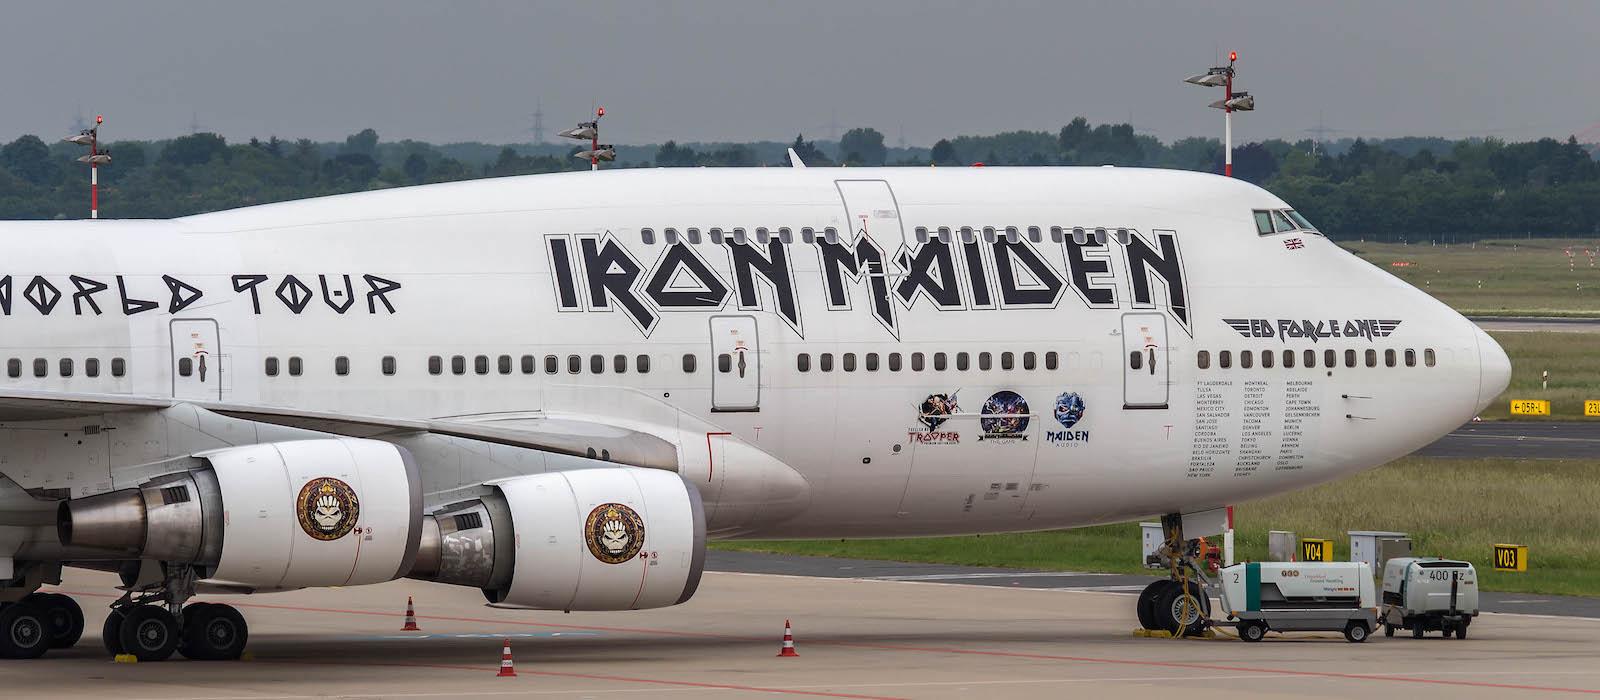 ed force one - der fliegende iron maiden tourbus! - pilotstories